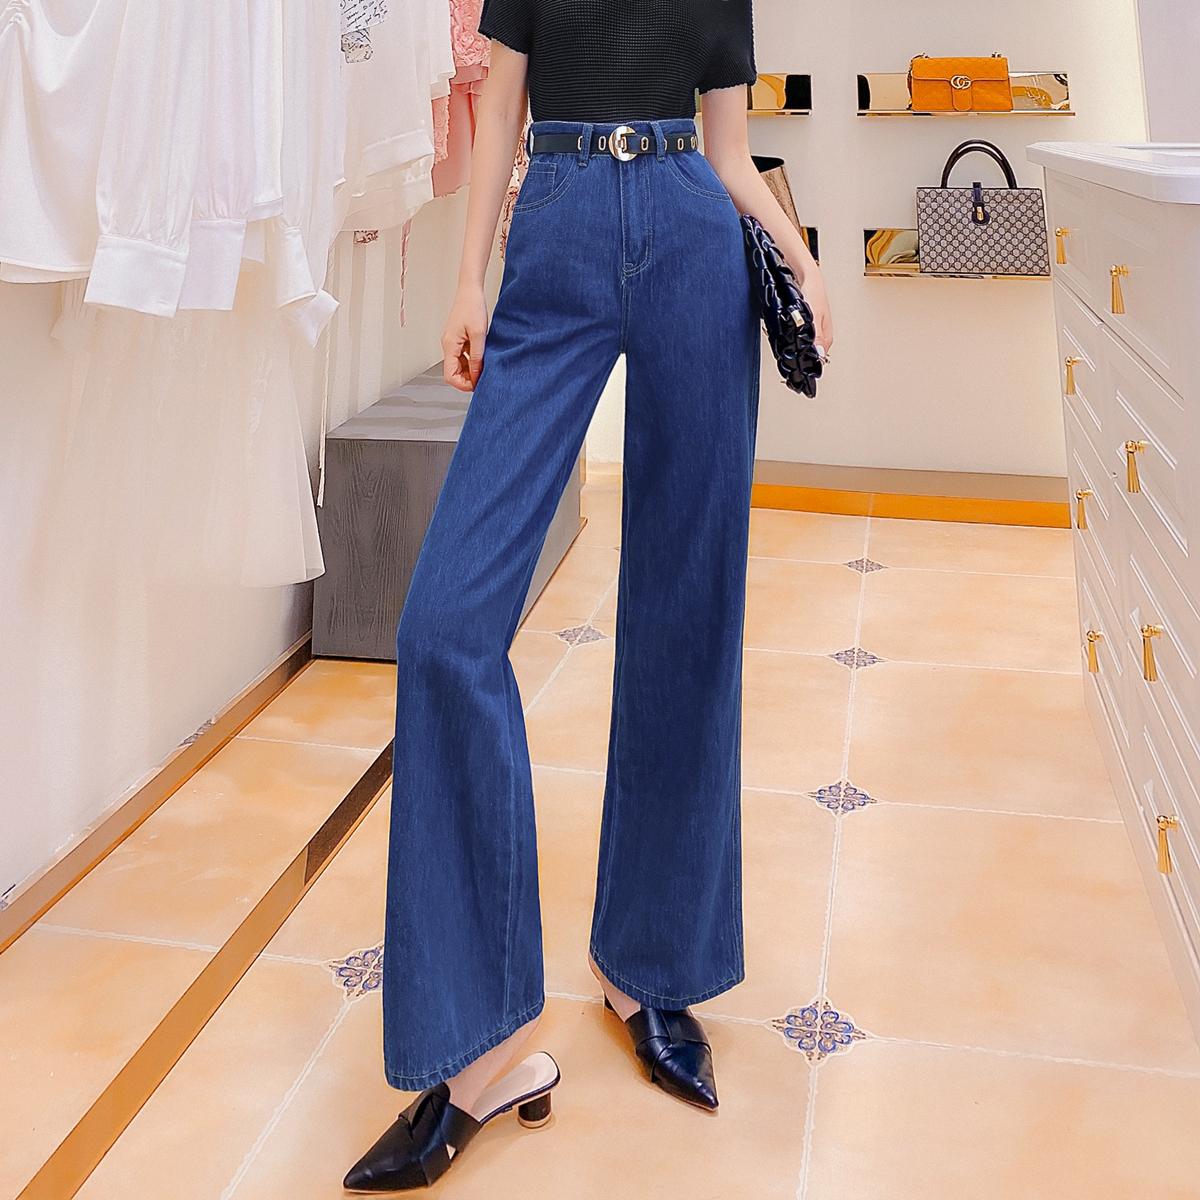 牛仔裤女2020年新款夏季薄款高腰显瘦显高宽松百搭阔腿裤配腰带